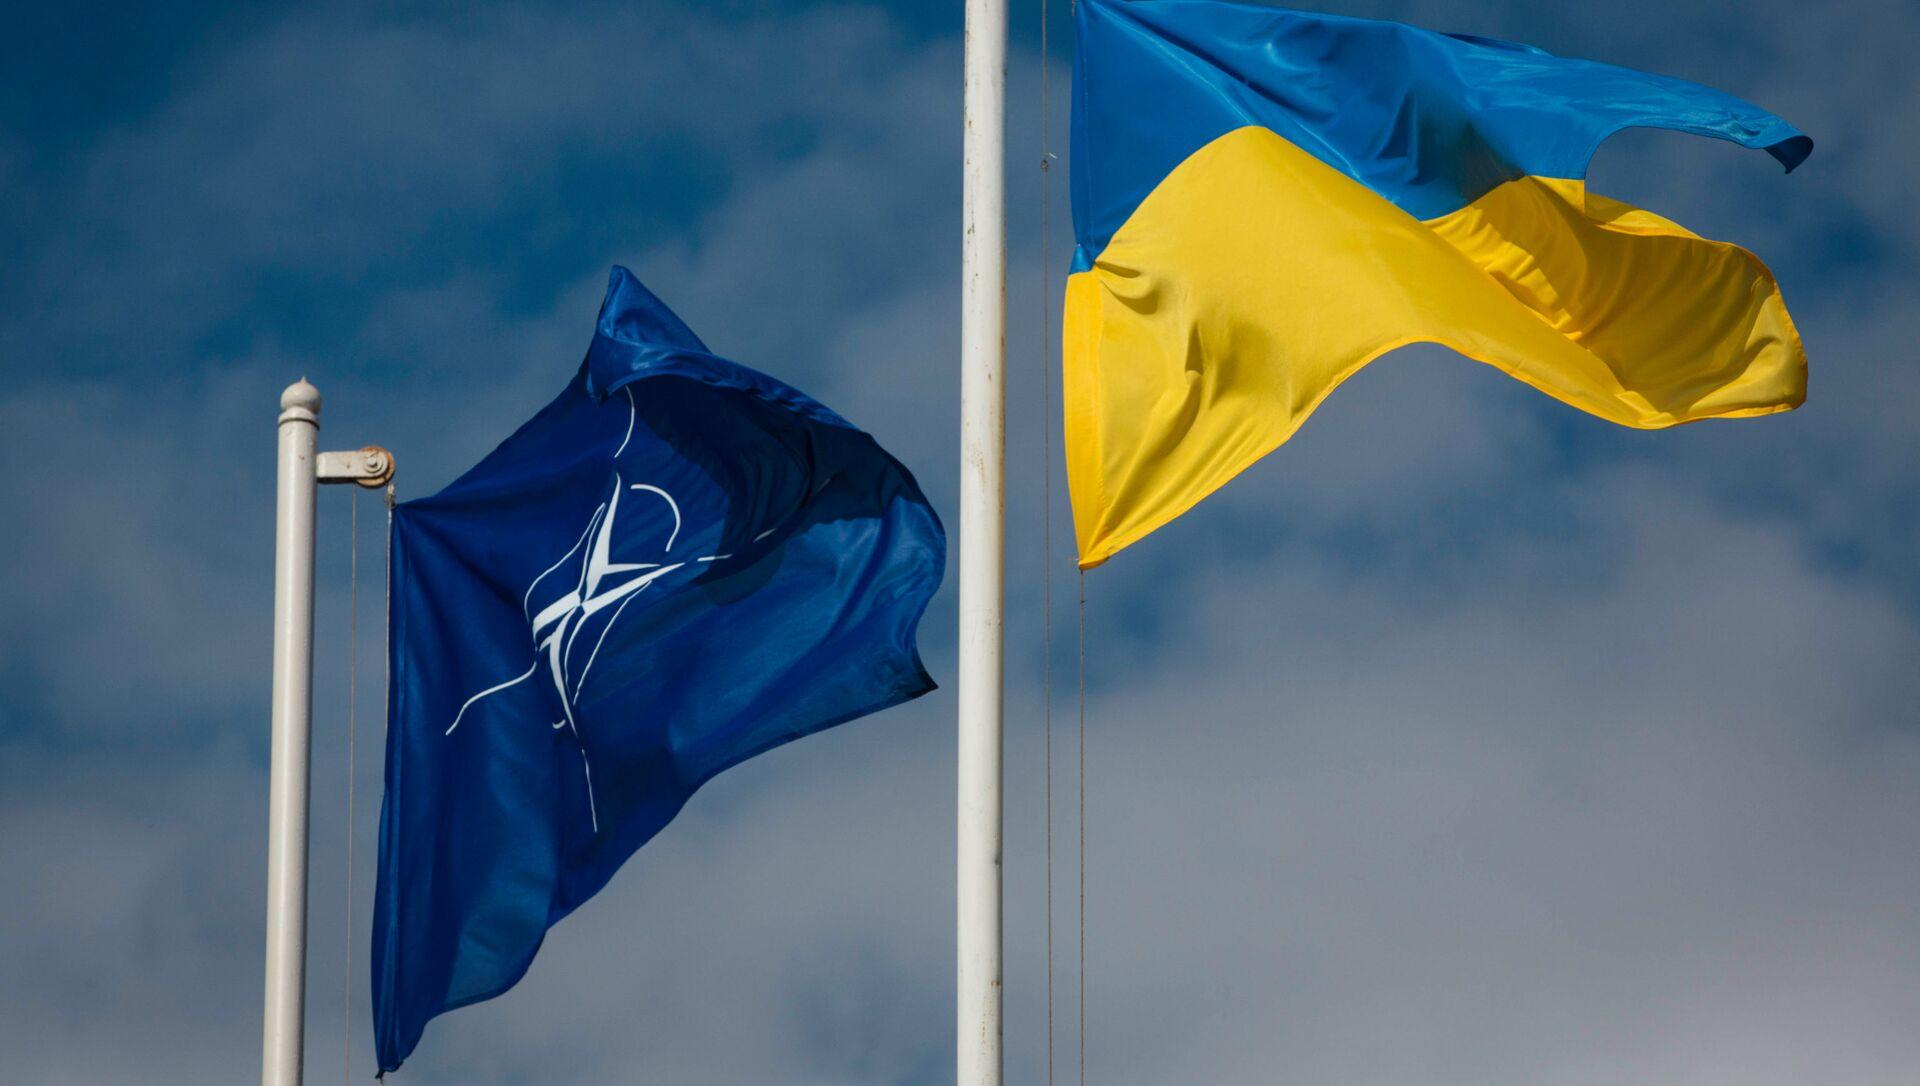 Vlajky NATO a Ukrajiny - Sputnik Česká republika, 1920, 08.04.2021